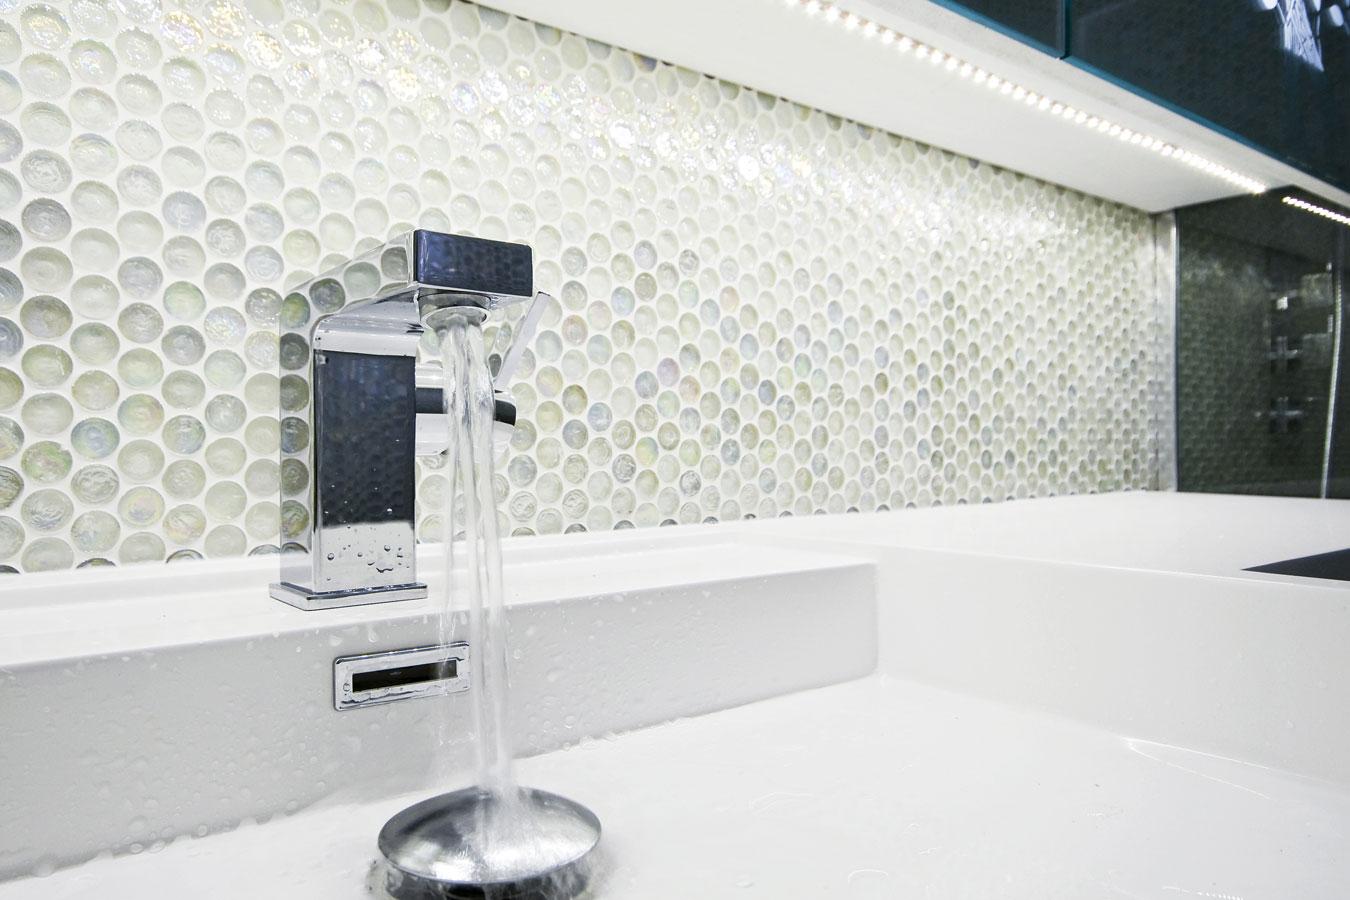 mozaïek tegels in de badkamer: materialen & inspiratie, Badkamer